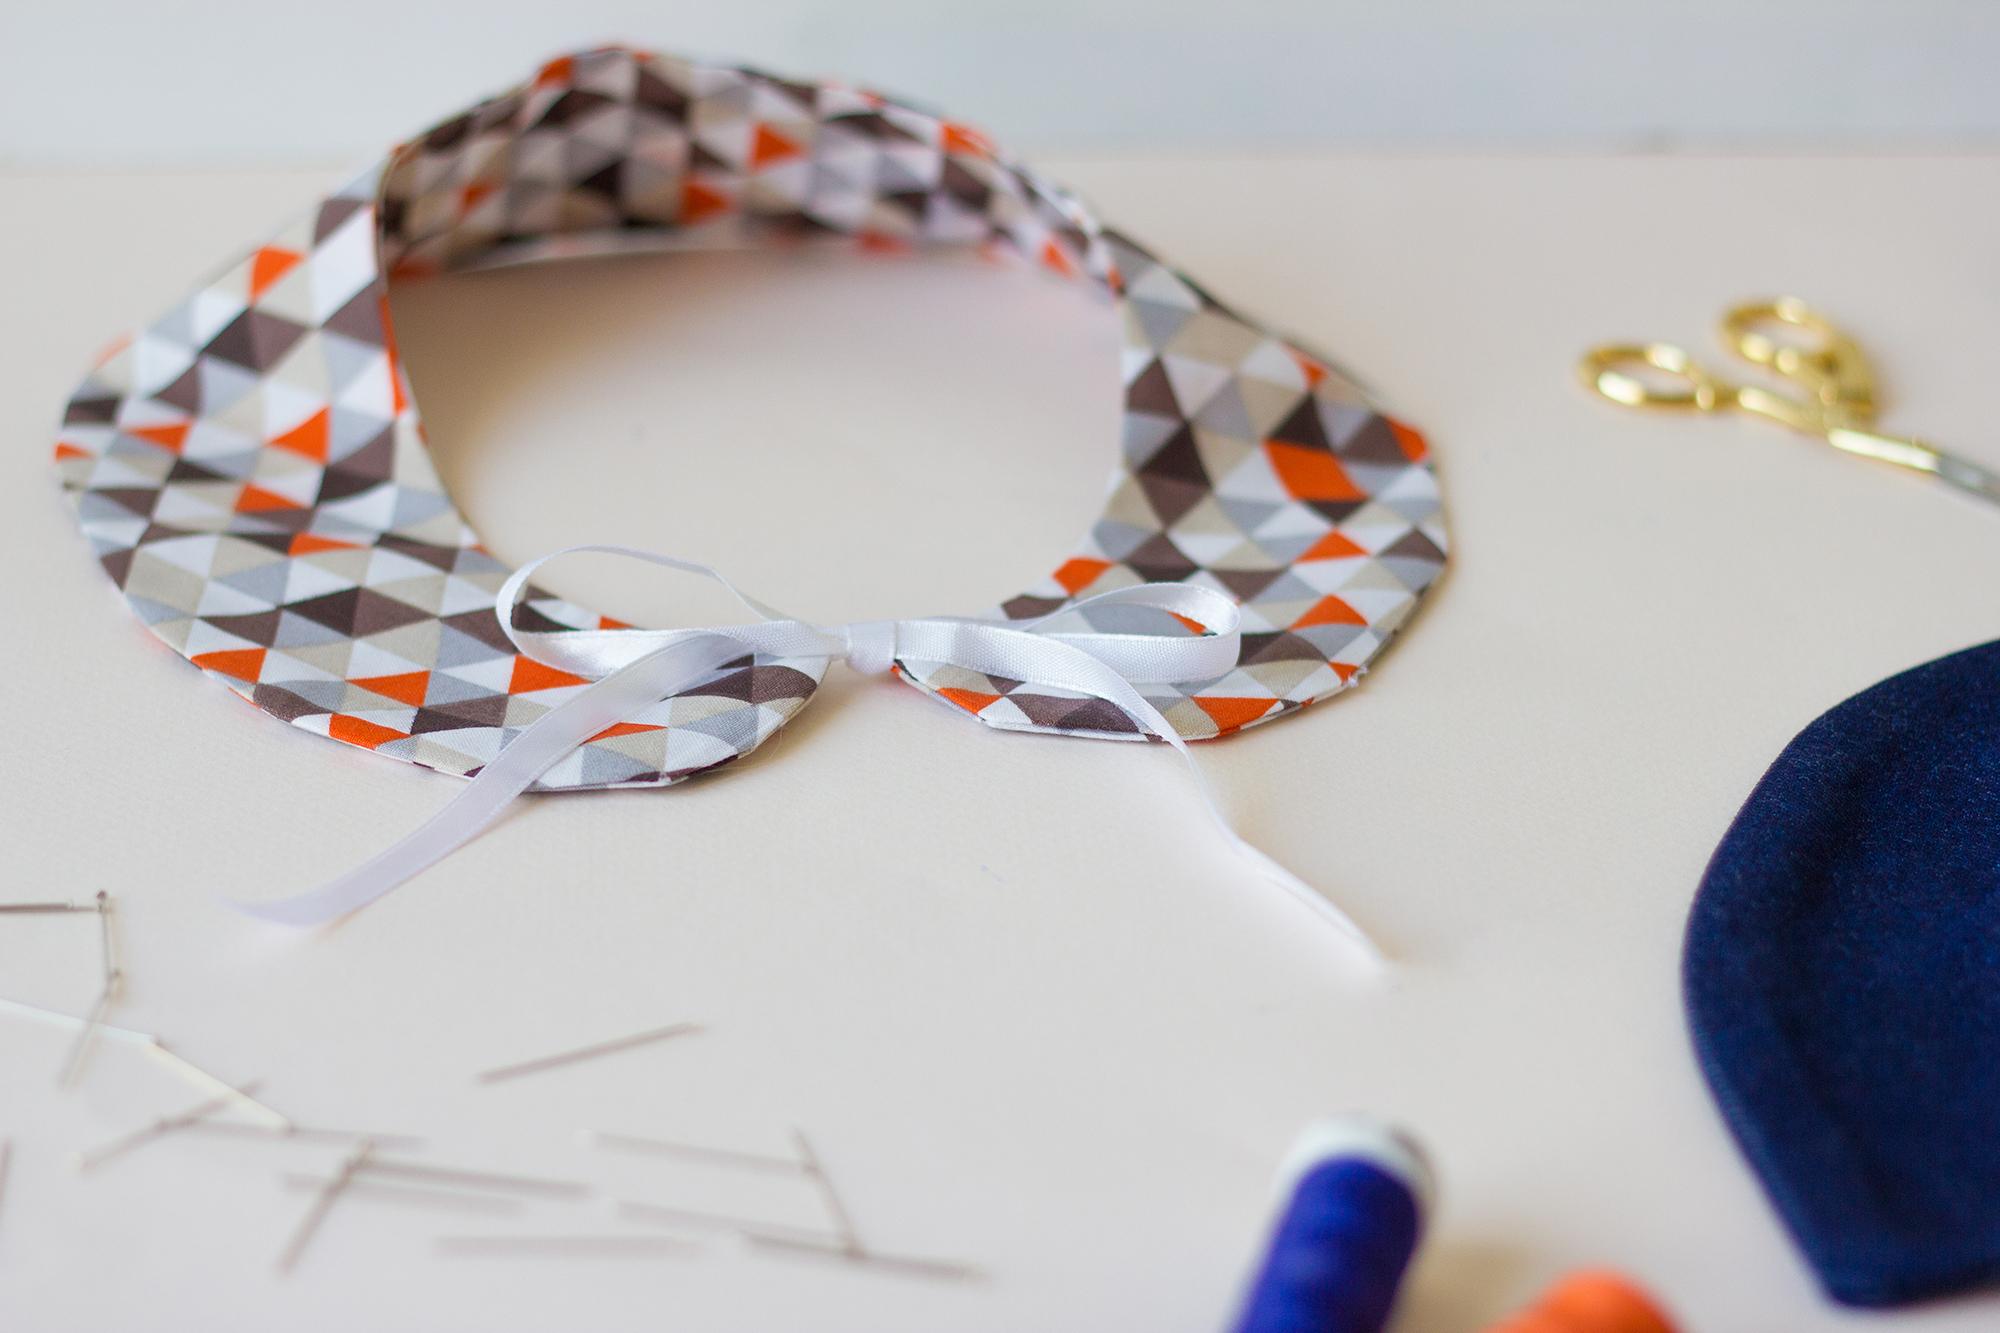 Apprendre à coudre un col amovible durant un atelier couture